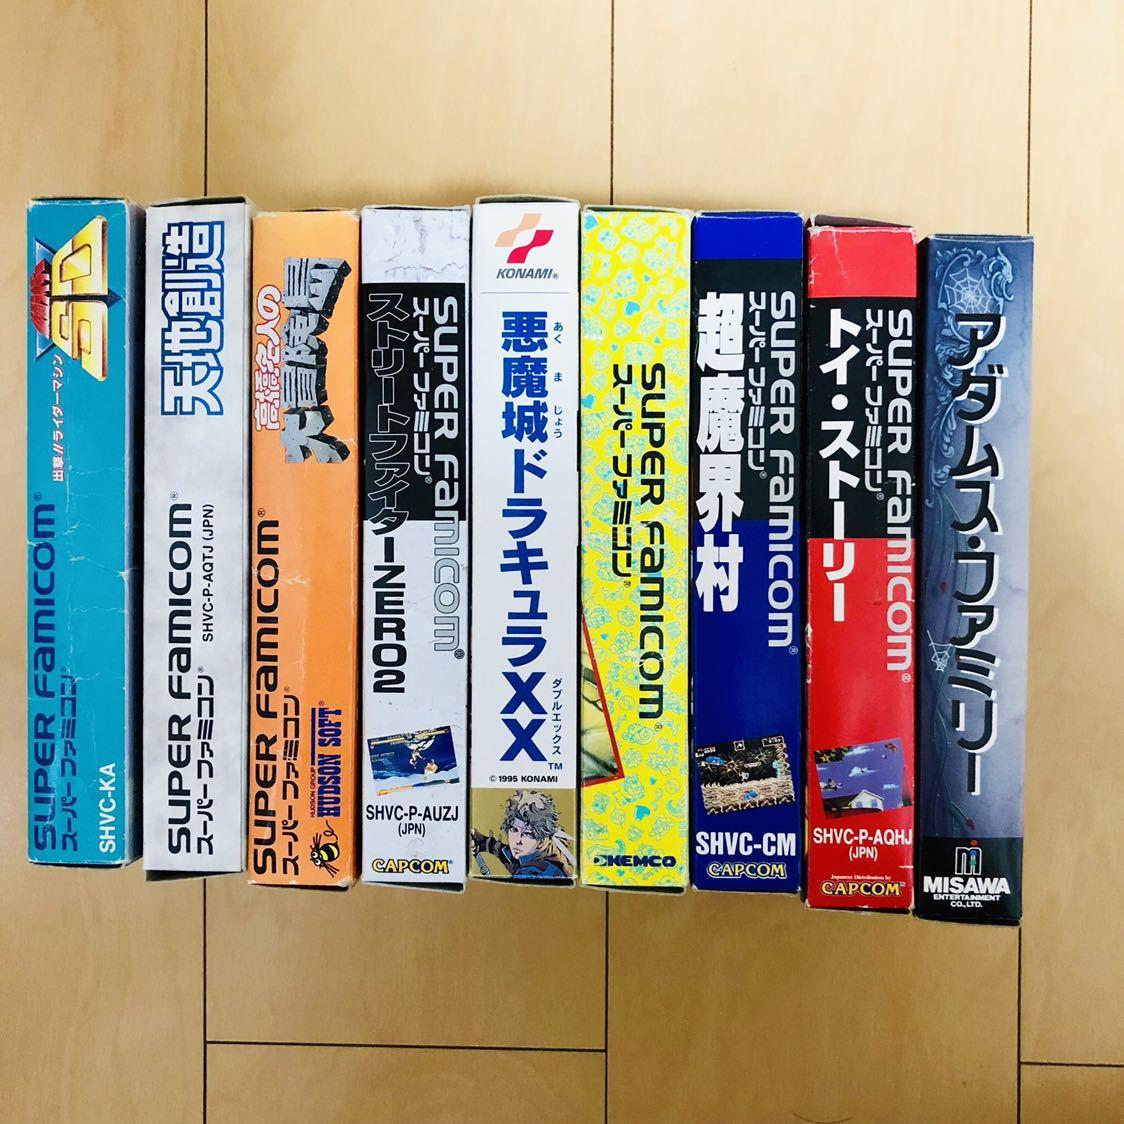 SFC スーパーファミコン レア/人気商品 9本セット 箱説付き_画像4